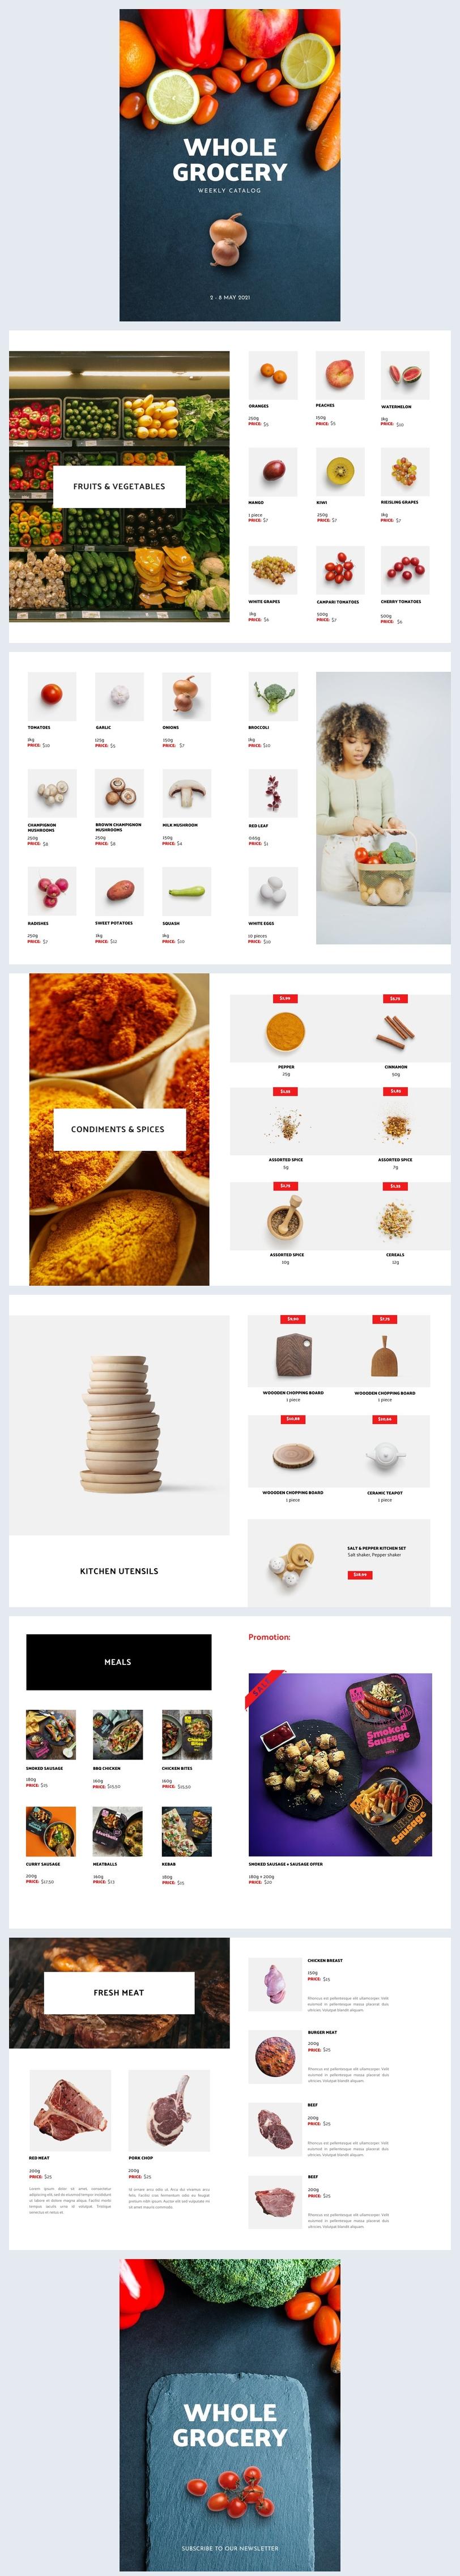 Ejemplo de diseño para catálogo automatizado del supermercado